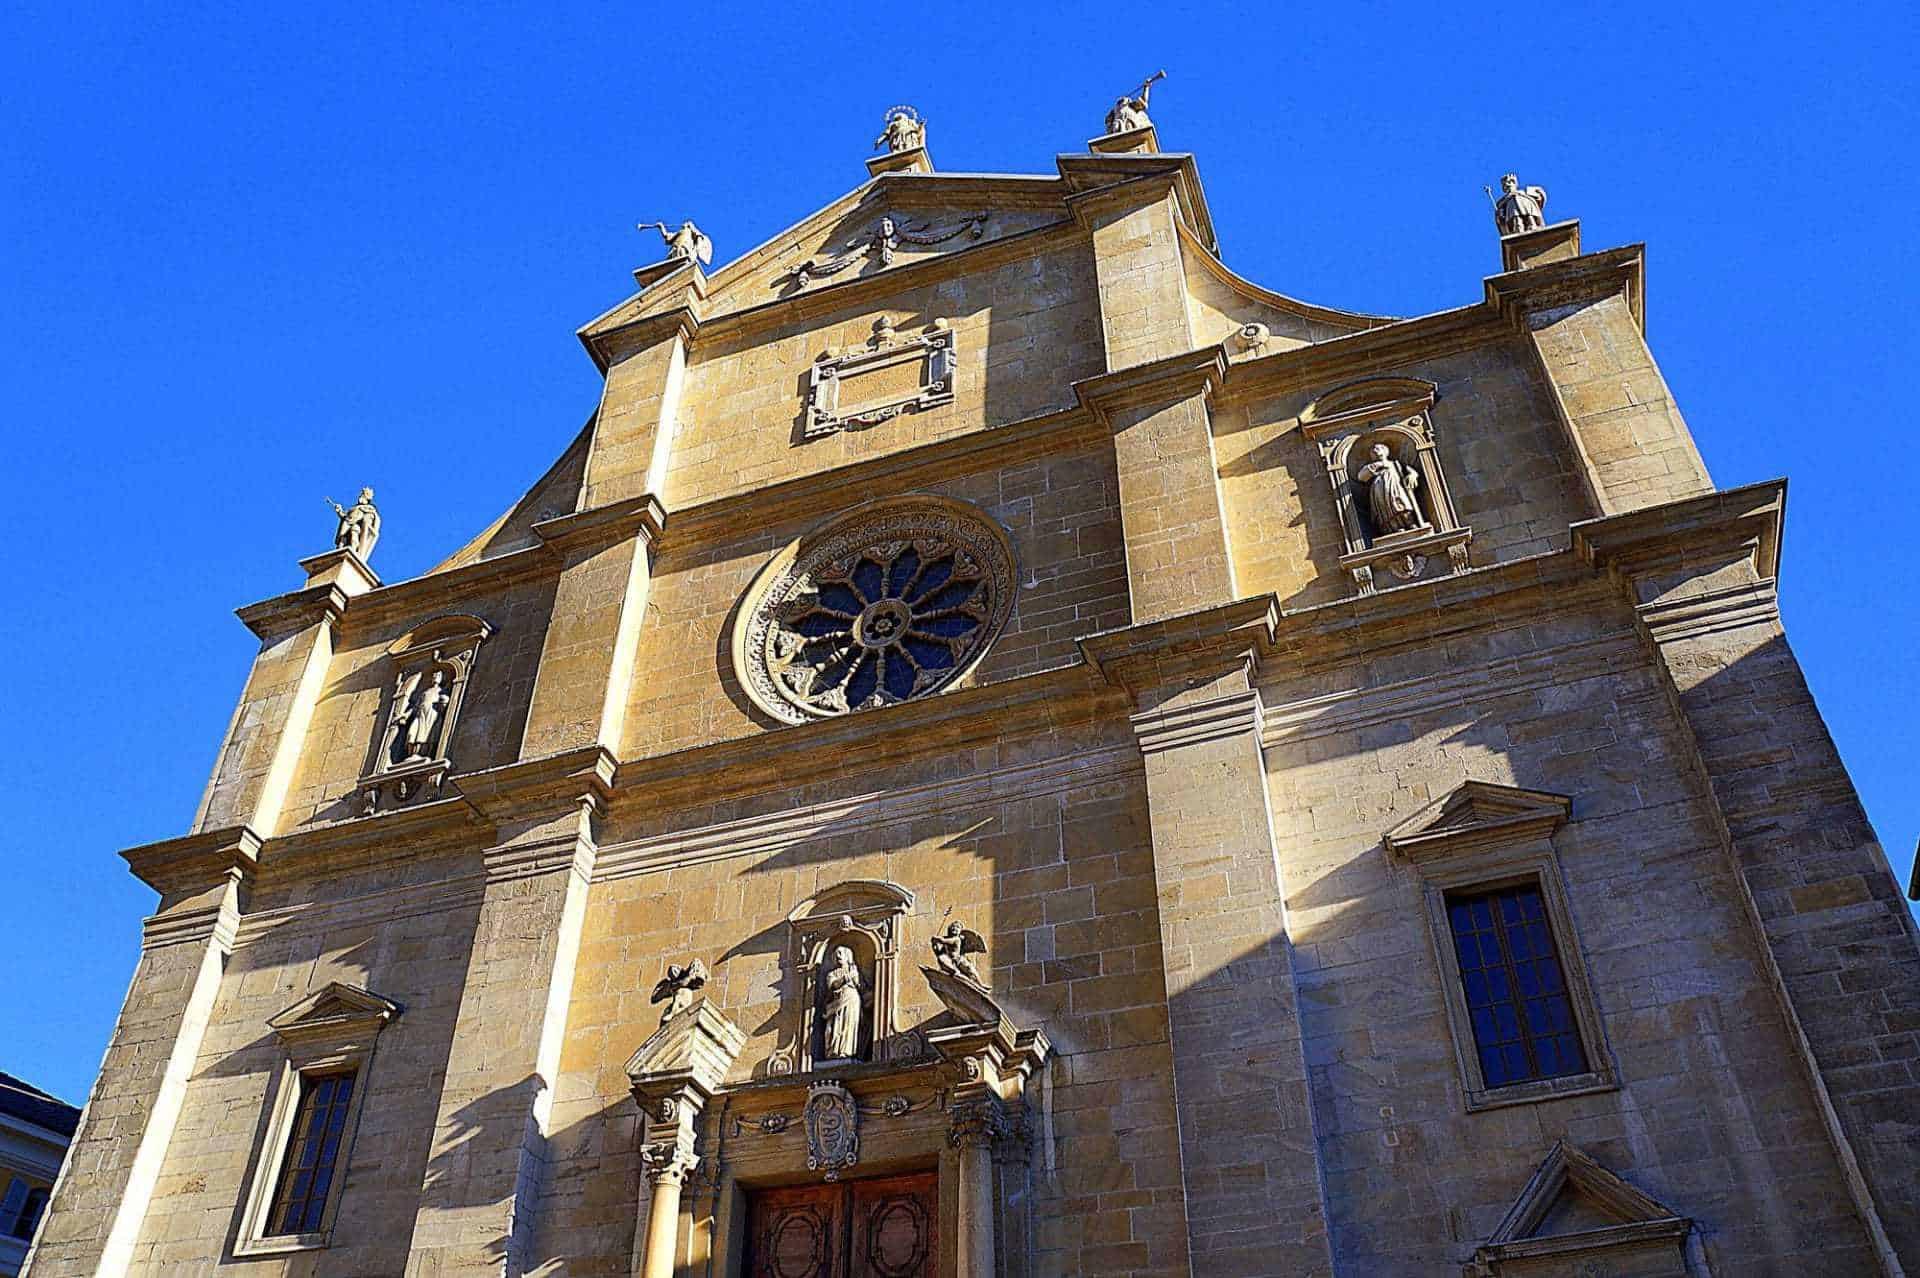 chiesa_collegiata_bellinzona_svizzera_ticino